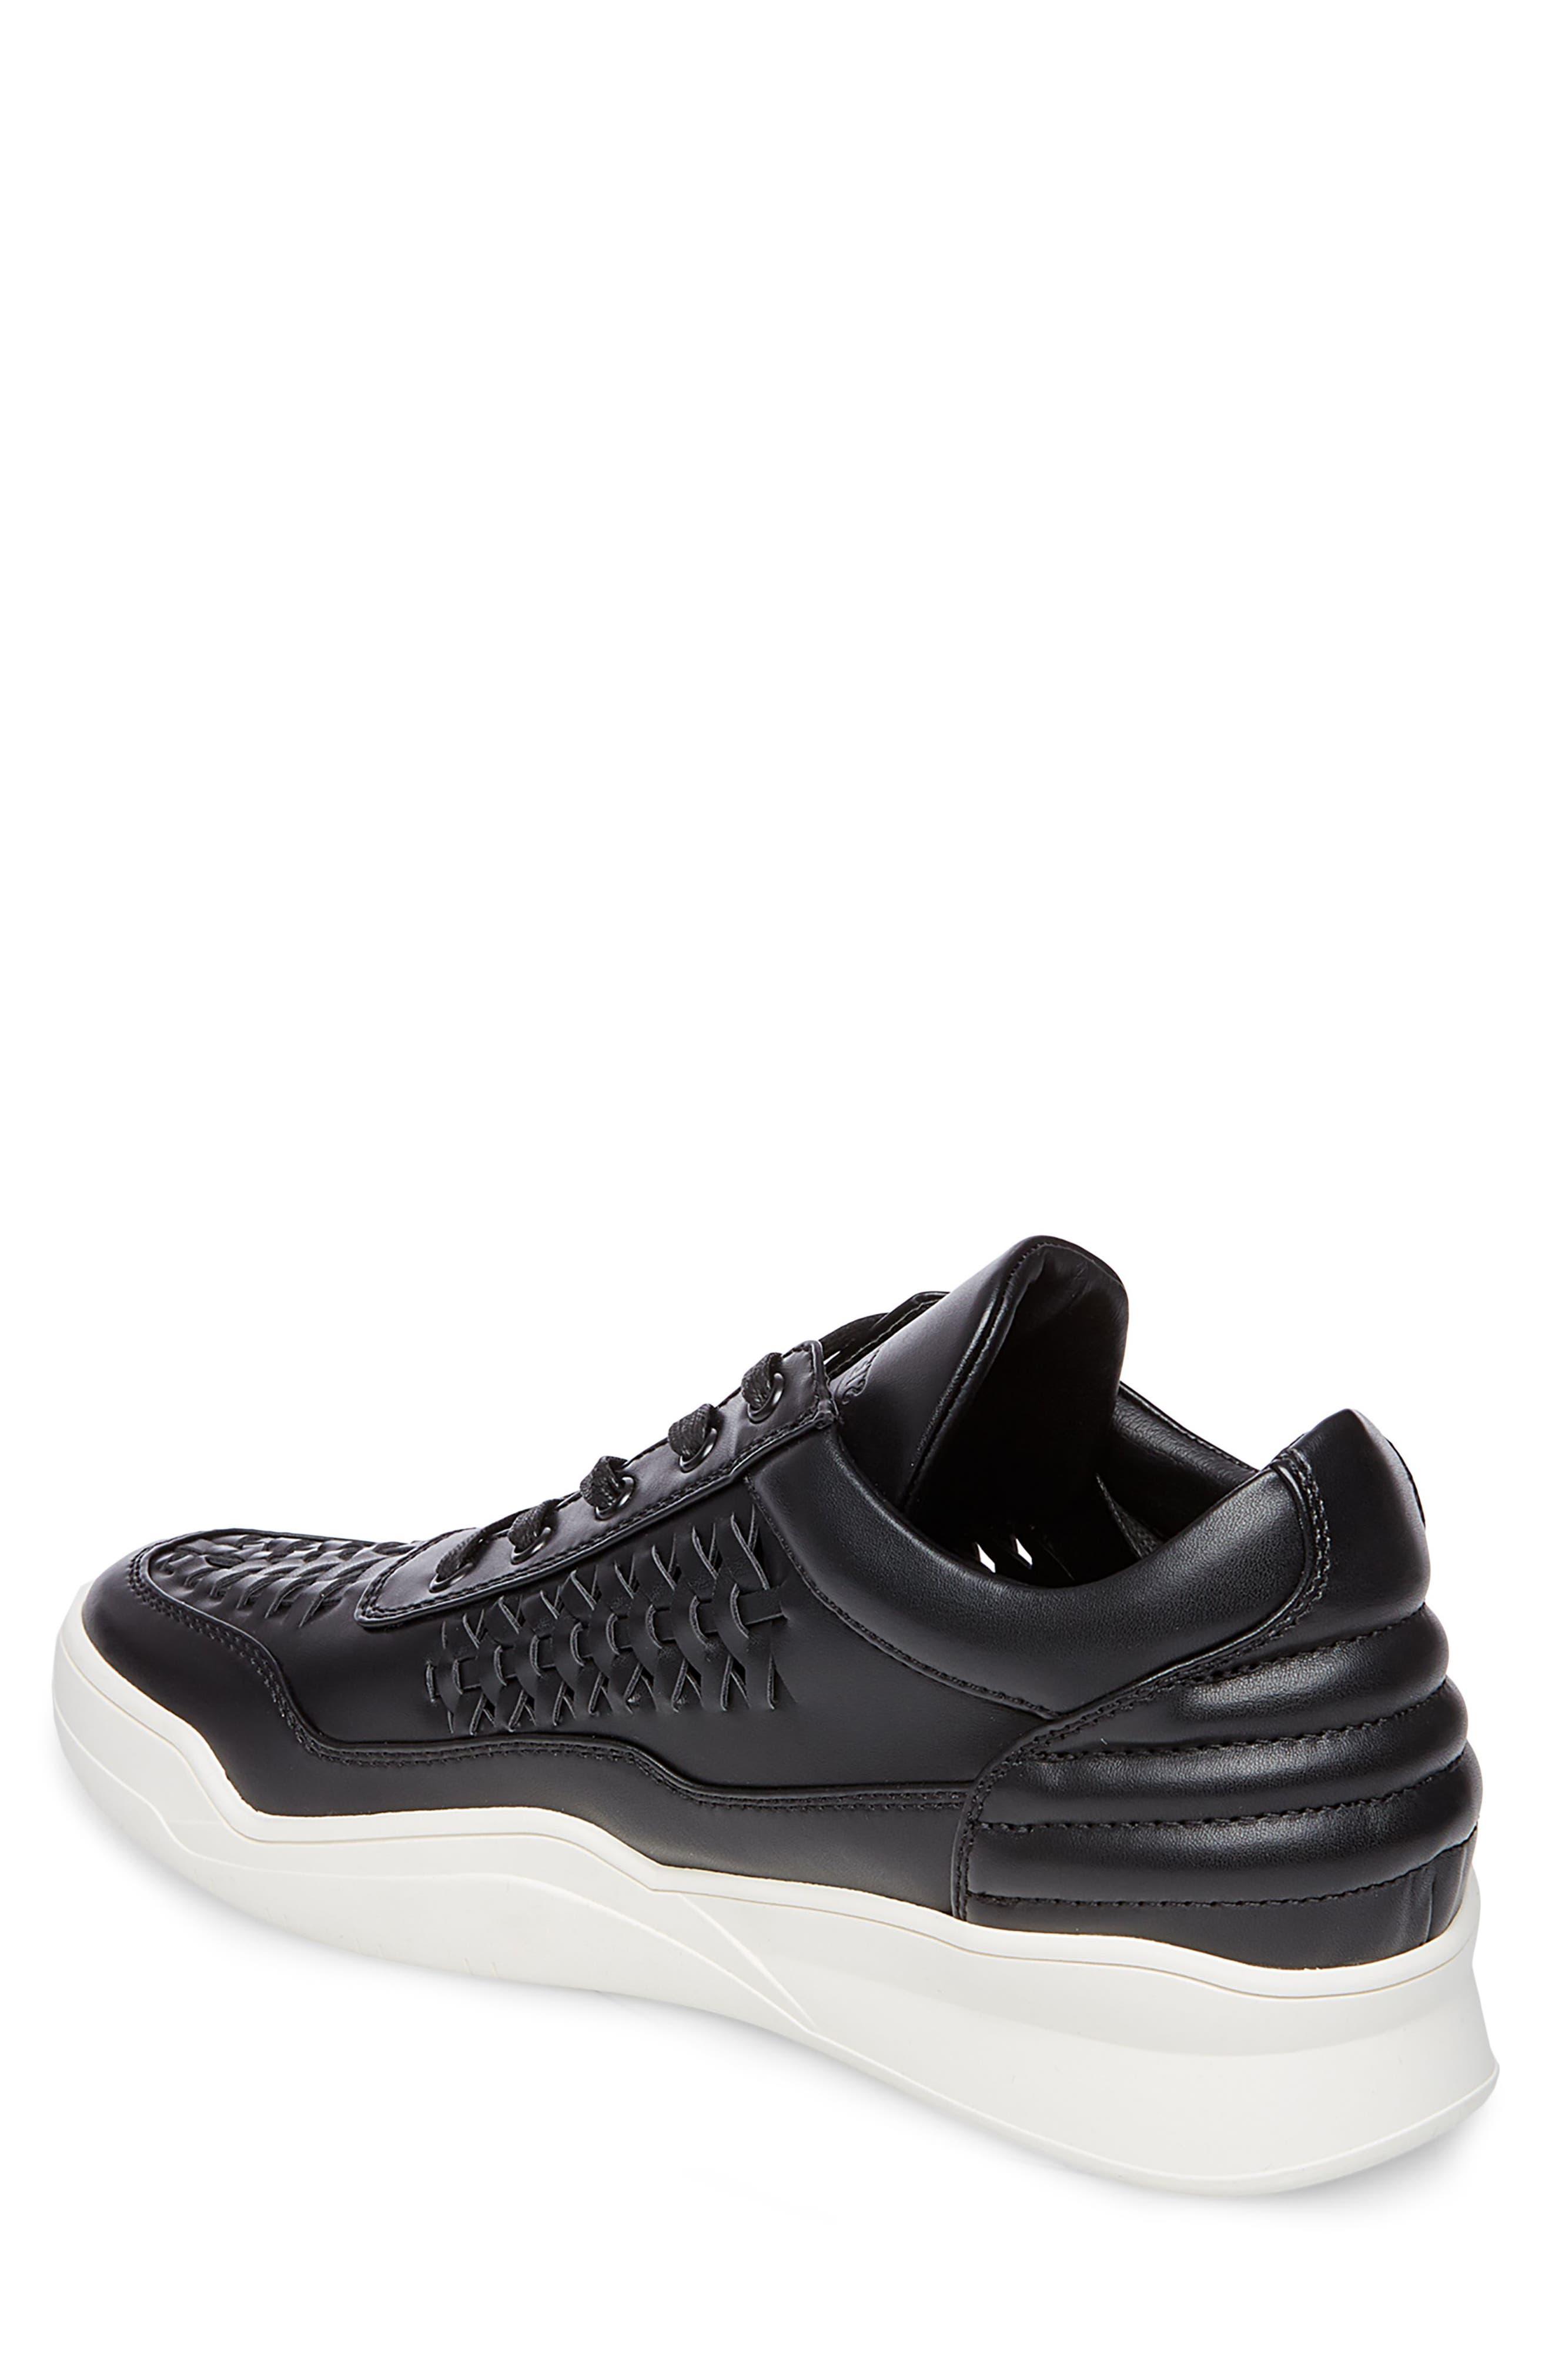 Valor Sneaker,                             Alternate thumbnail 2, color,                             001